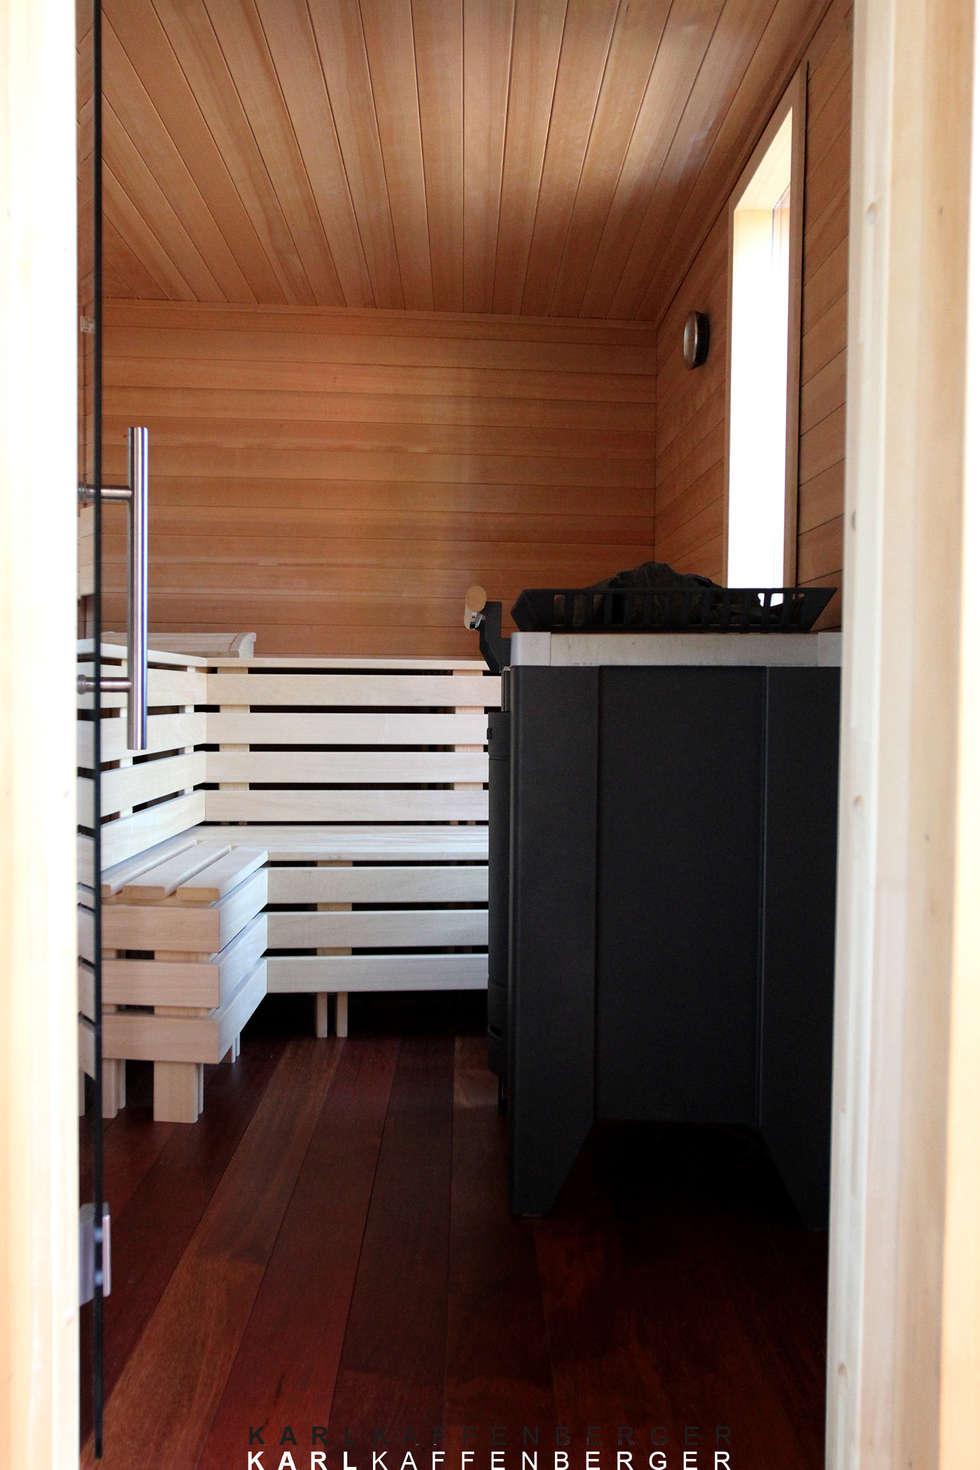 Wohnideen interior design einrichtungsideen bilder homify - Sauna architektur ...